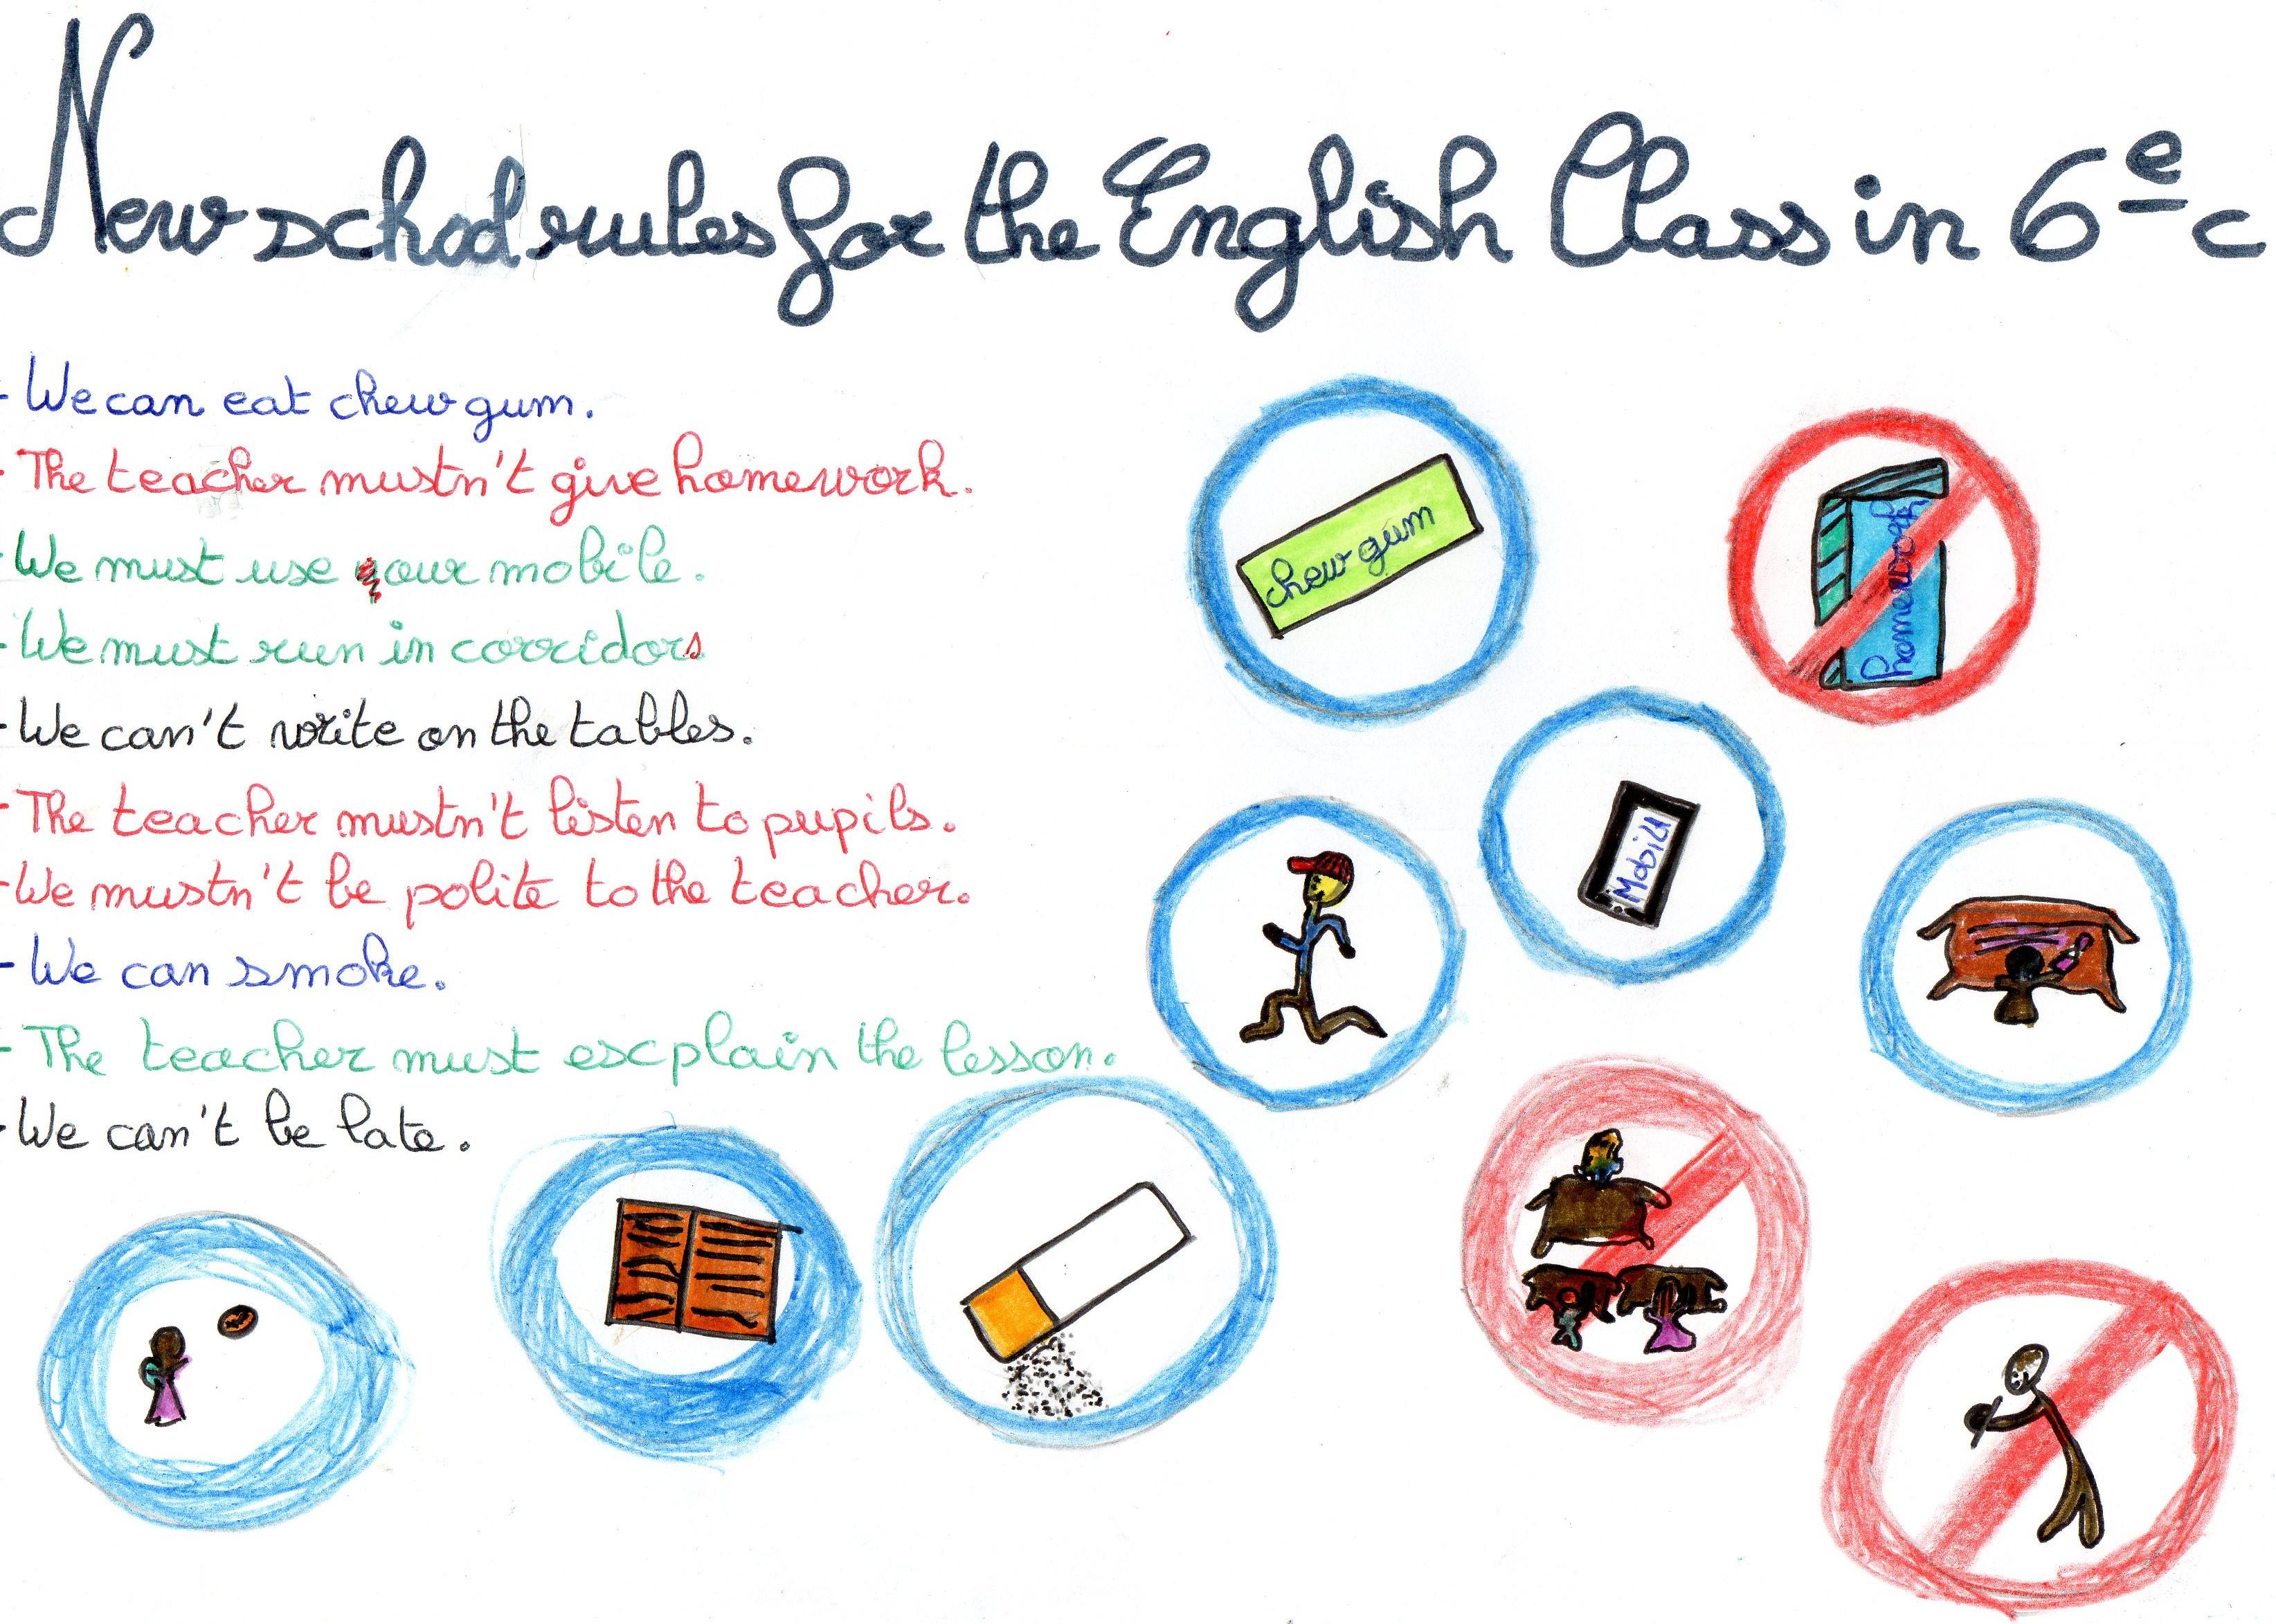 Exceptionnel Nouvelles règles de vie en cours d'anglais Collège & Lycée St  CM31